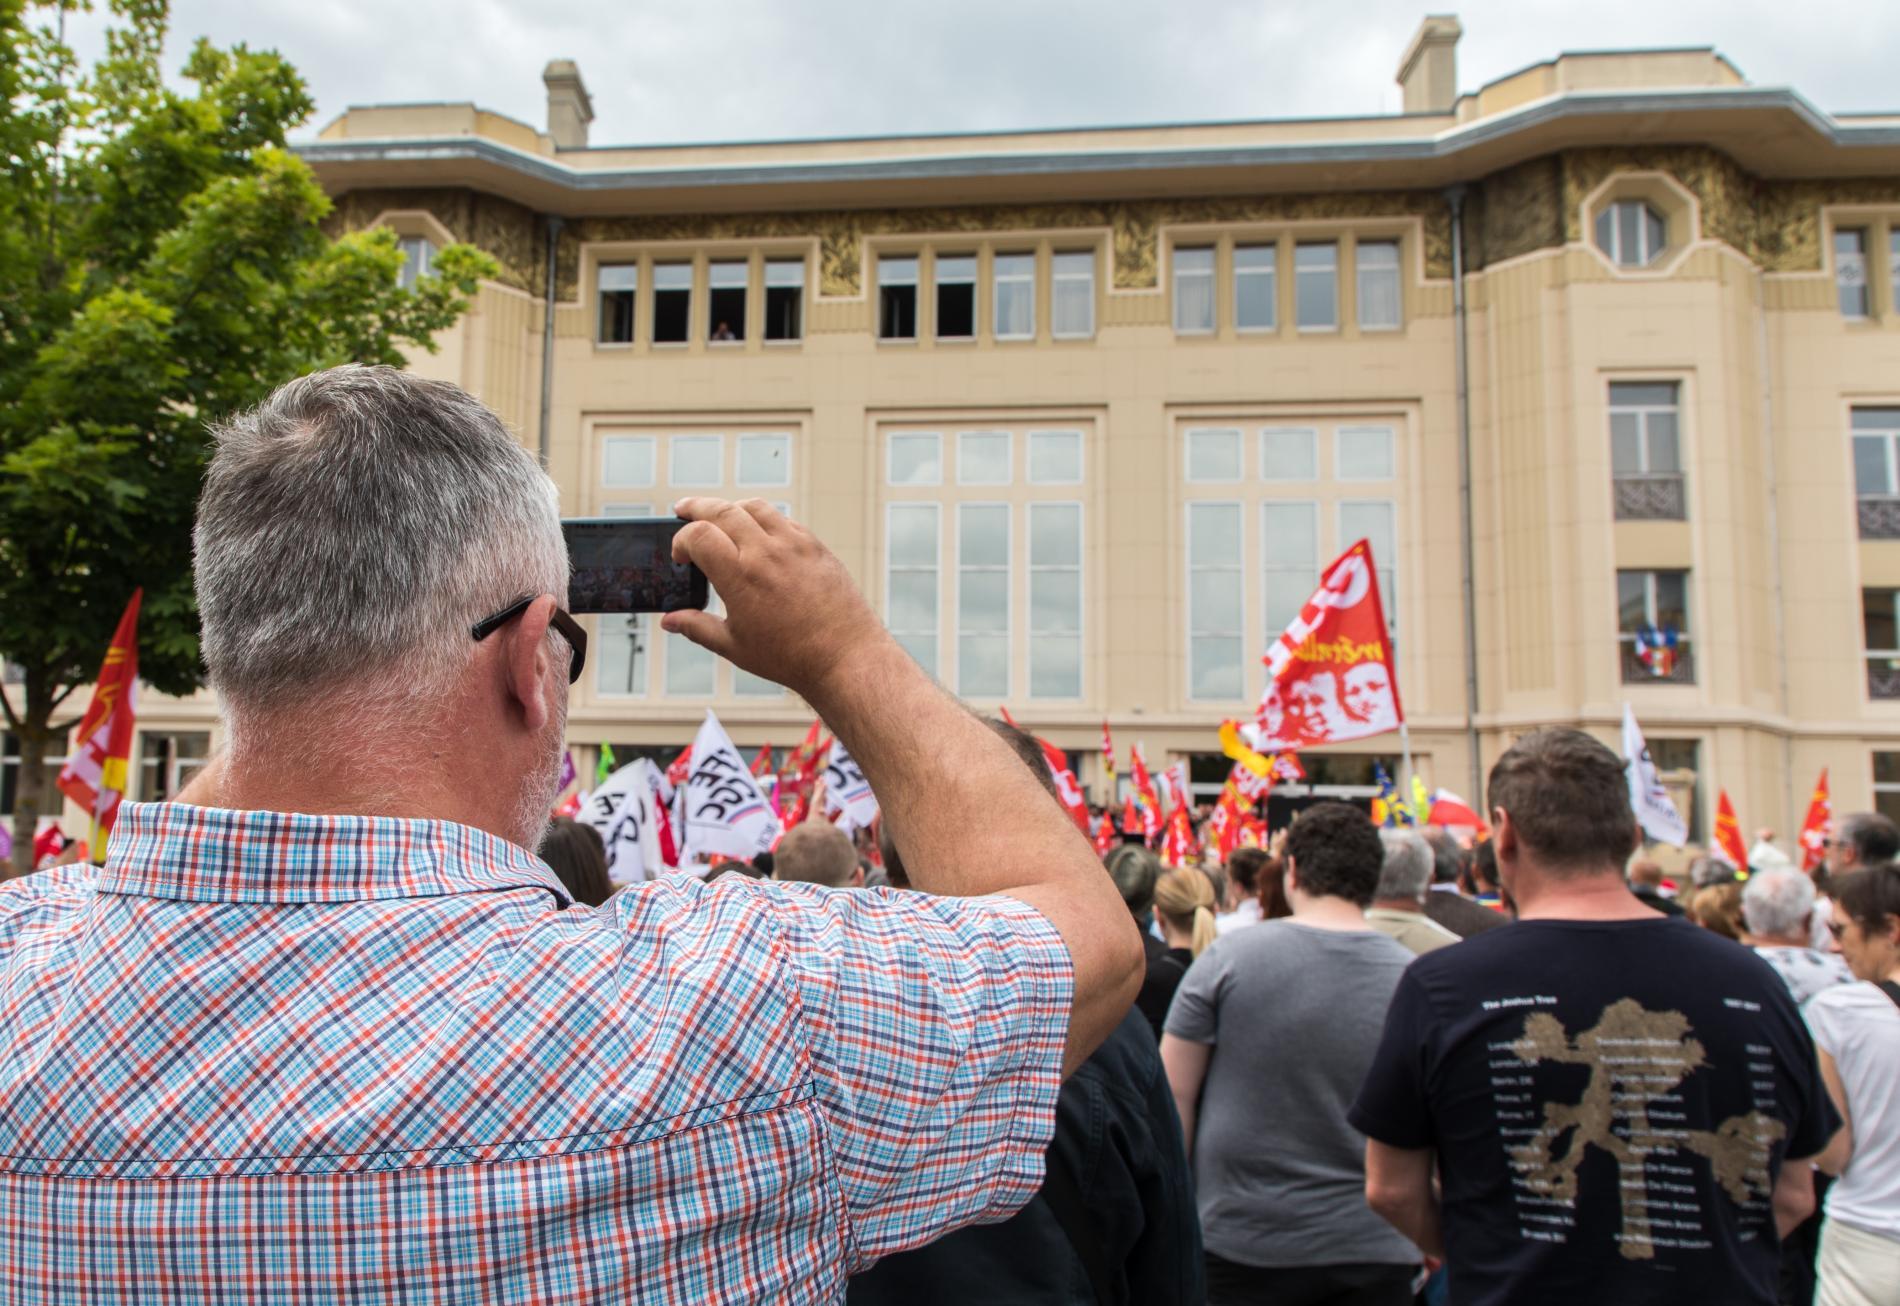 Eric Weiss lors du rassemblement en soutien aux salariés de General Electric, le 22 juin 2019 devant la Maison du peuple à Belfort.